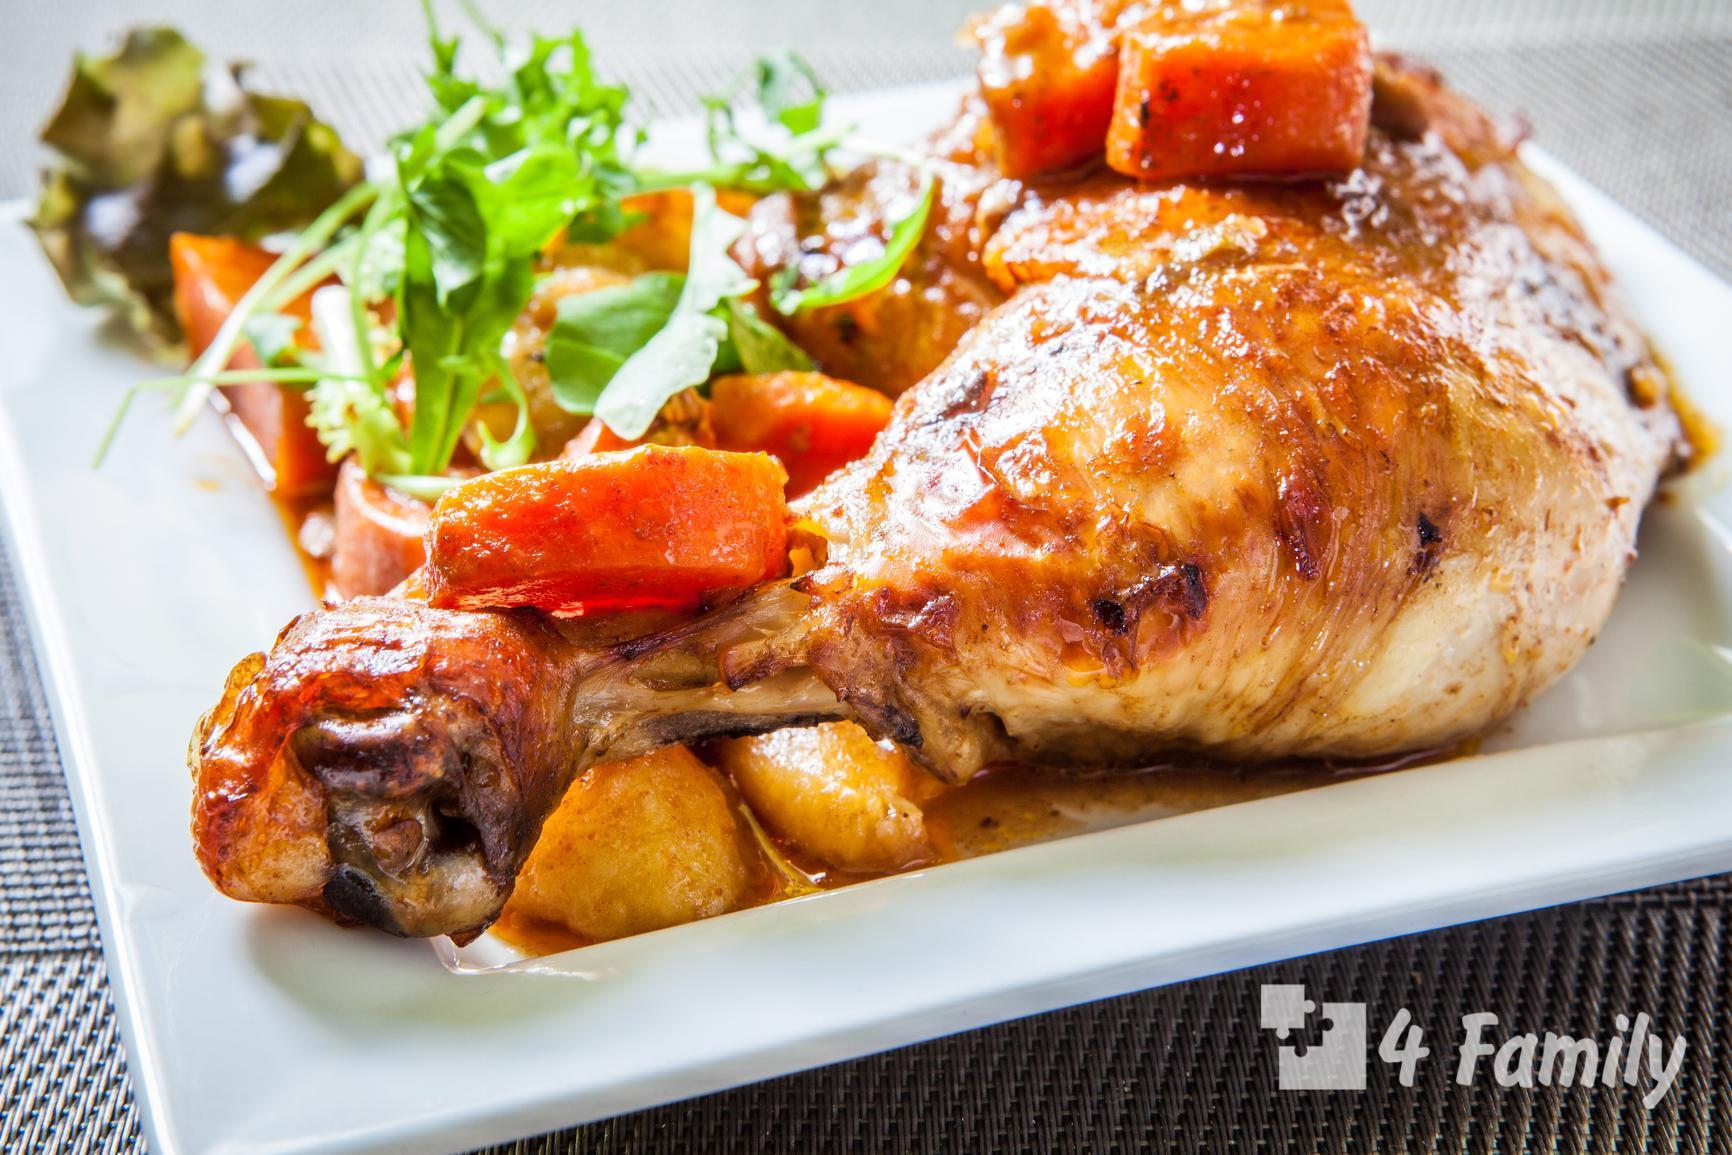 4family Как сделать курицу гриль в домашних условиях